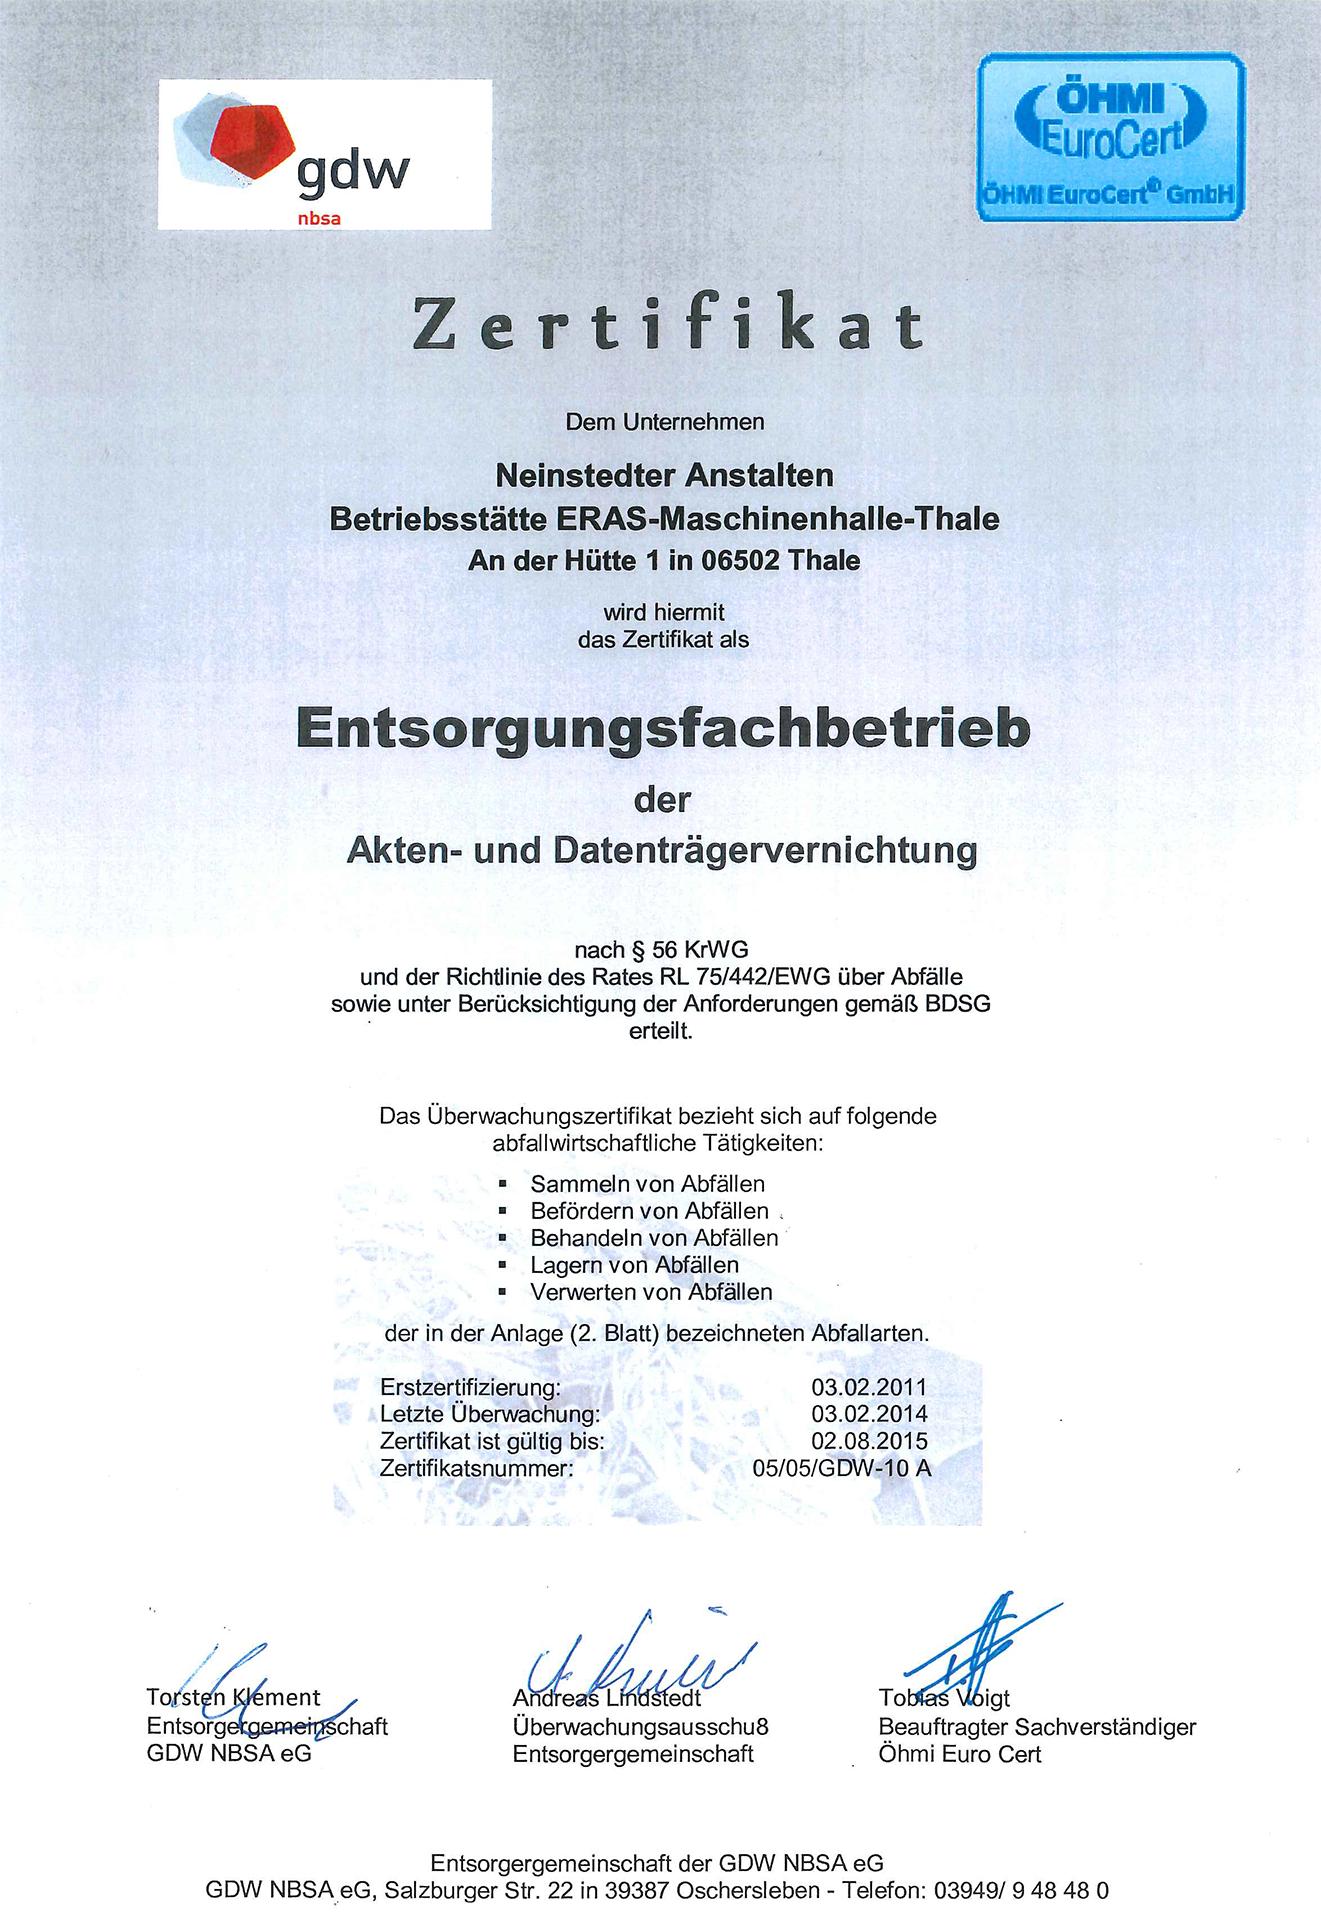 Fantastisch Zertifikat Der Empfehlung Vorlage Fotos - Entry Level ...